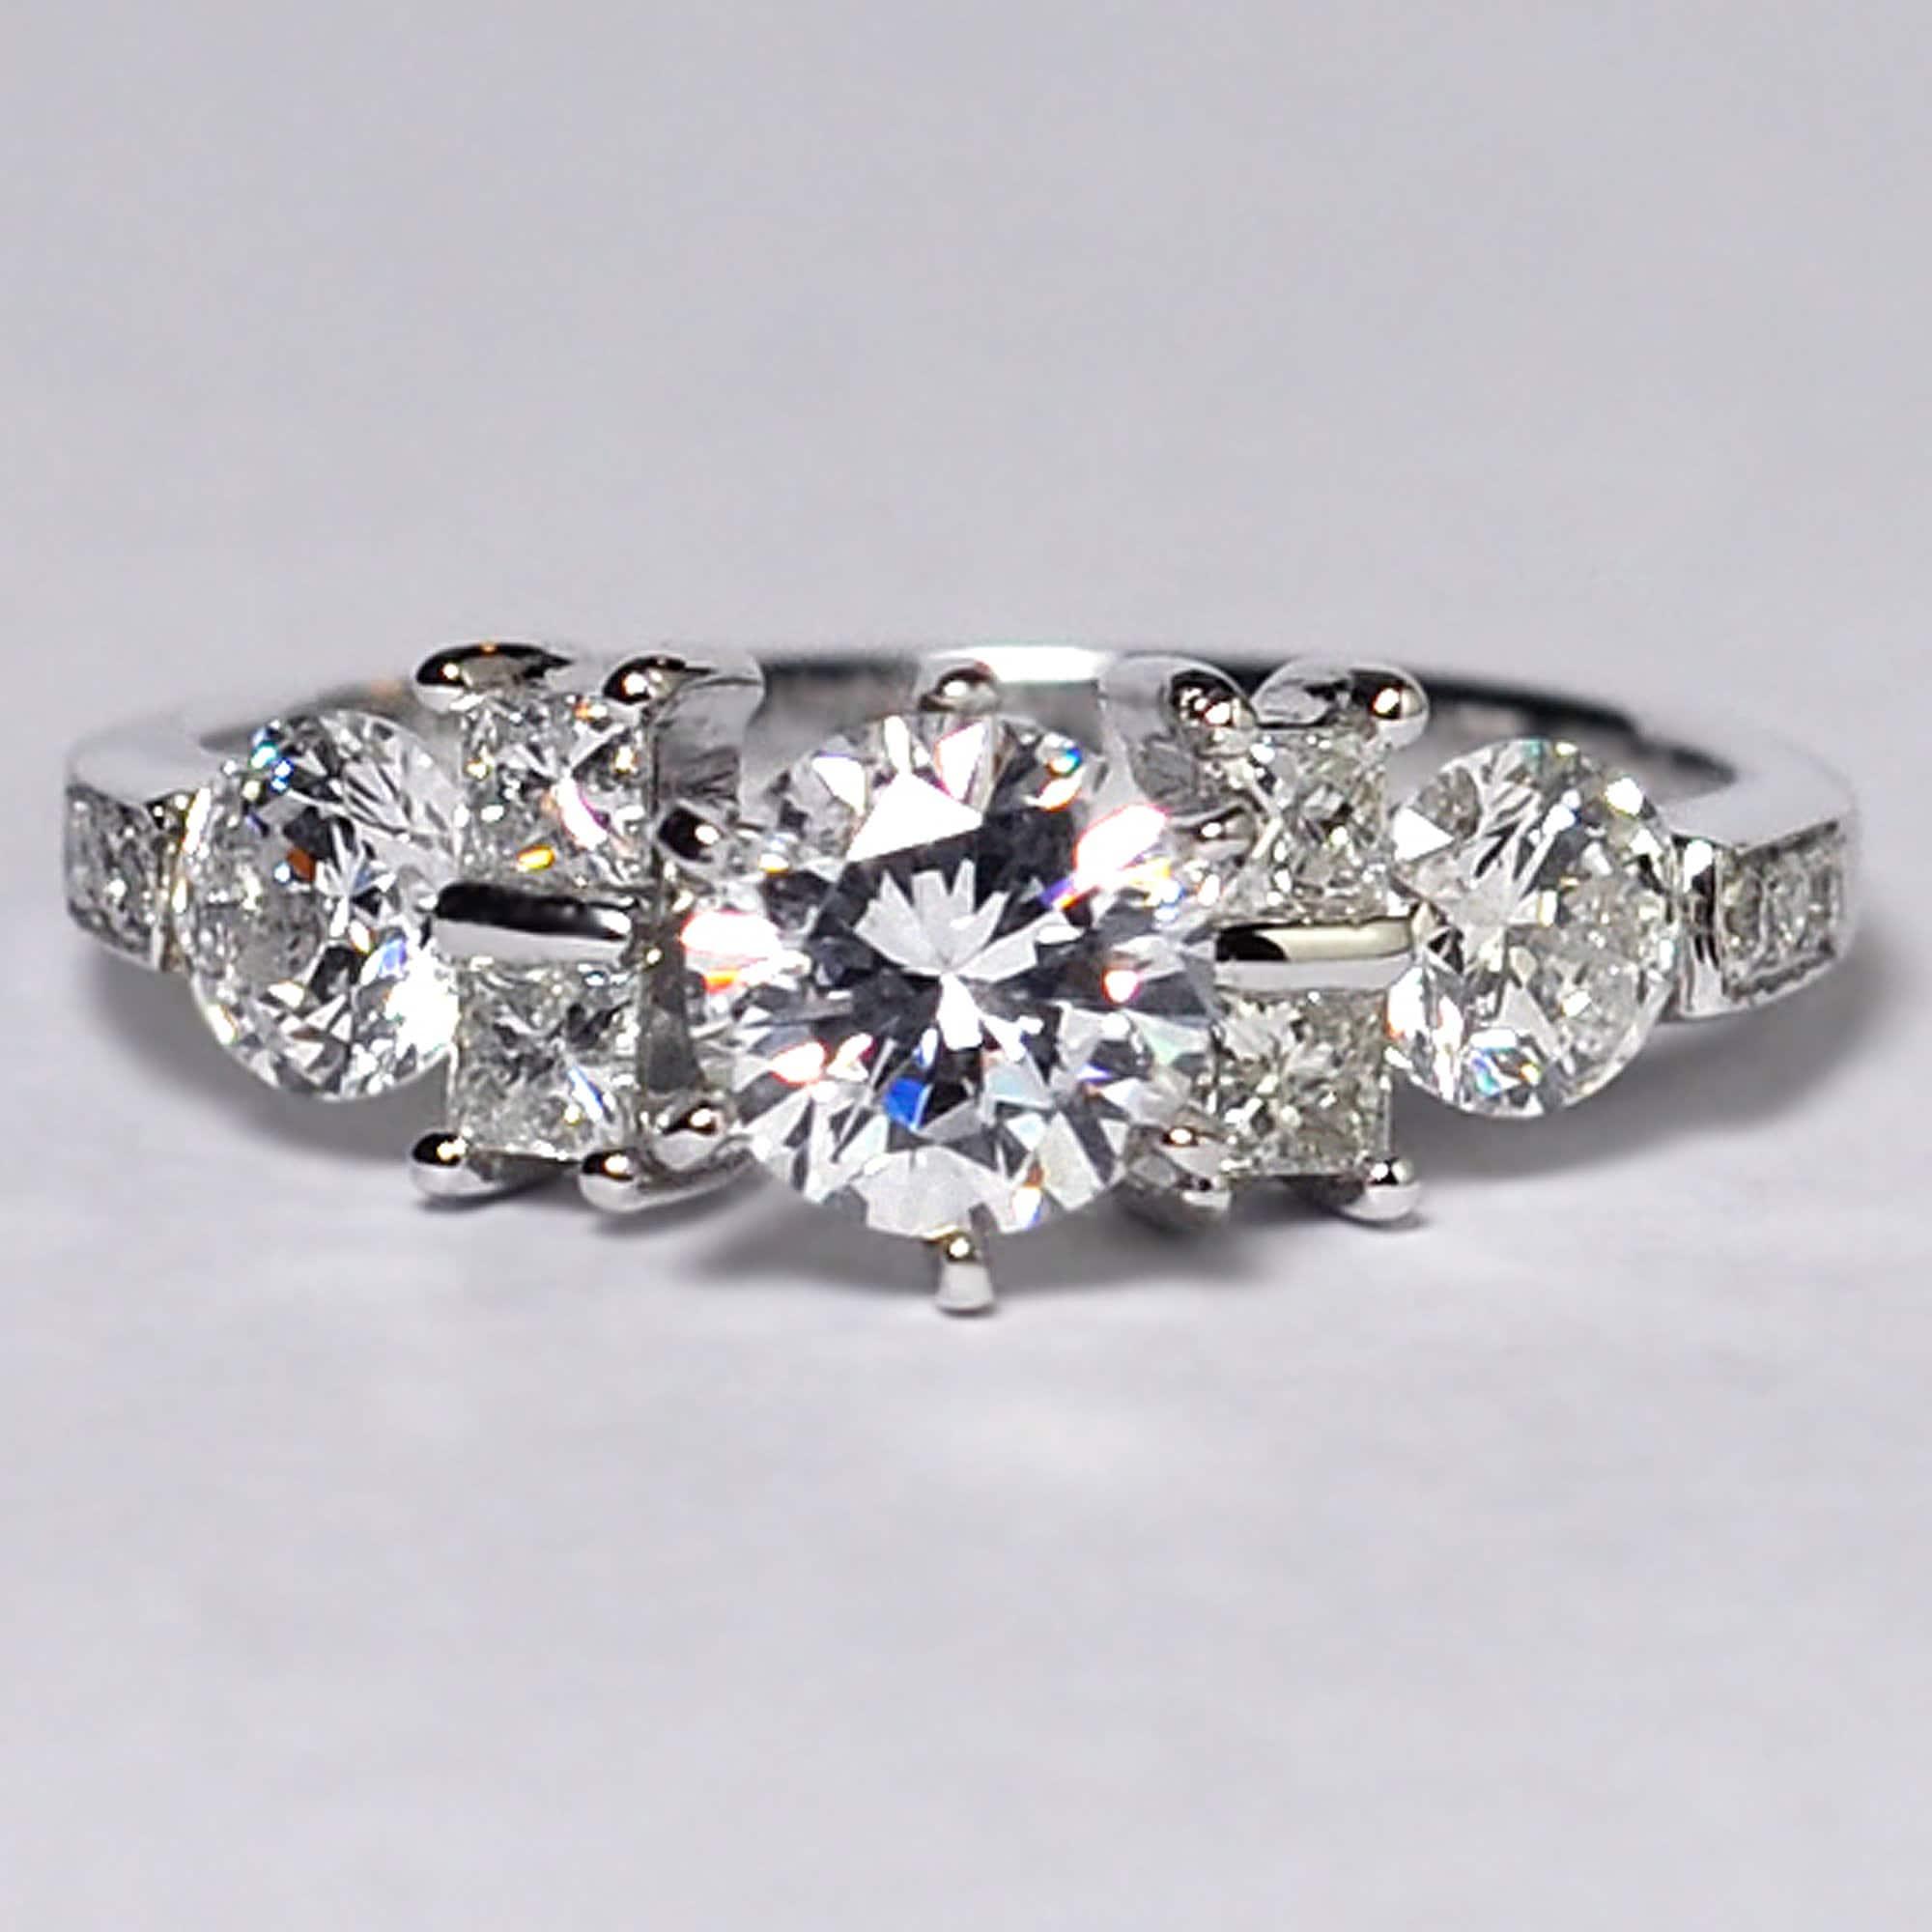 Bague de fiançailles en diamant en cristal Swarovski Solide 14K Or blanc,  Custom Unique vintage Promise Bridal Ring for Women